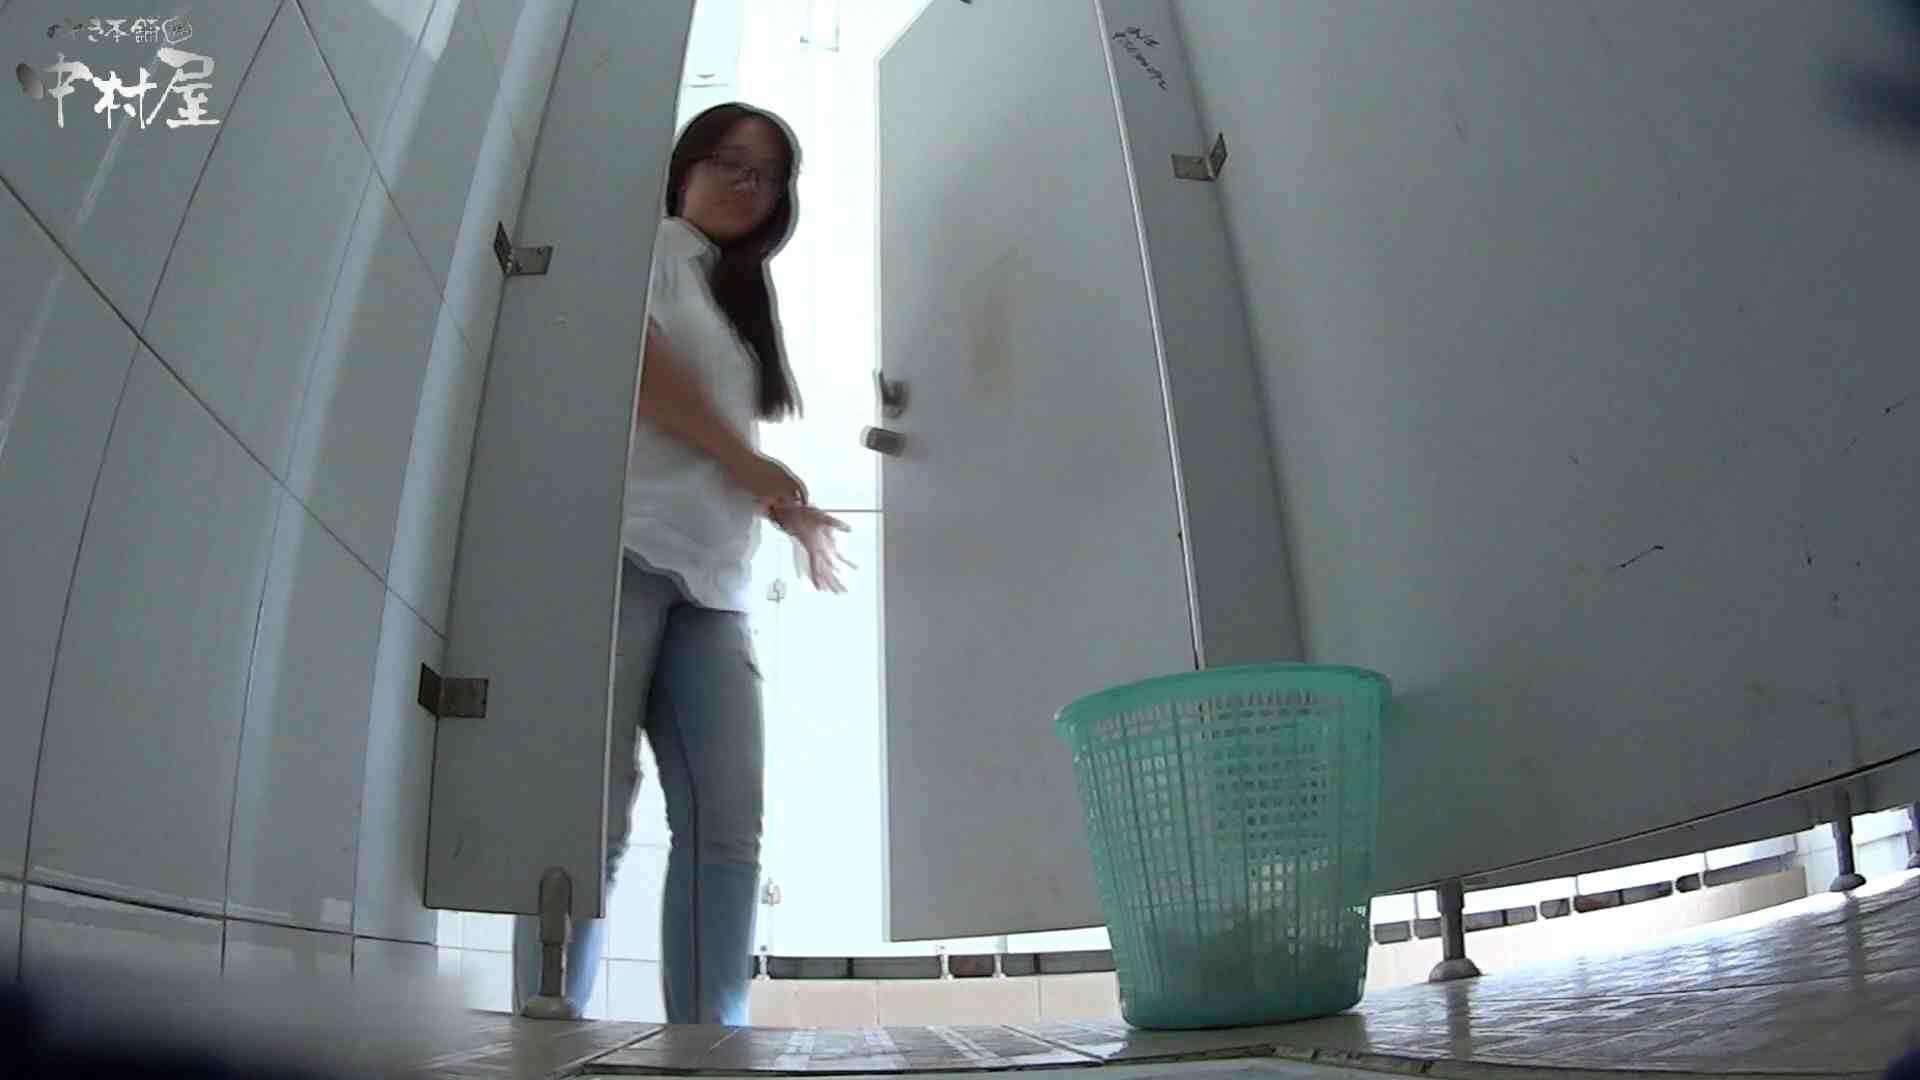 美しい女良たちのトイレ事情 有名大学休憩時間の洗面所事情06 高画質  101Pix 27